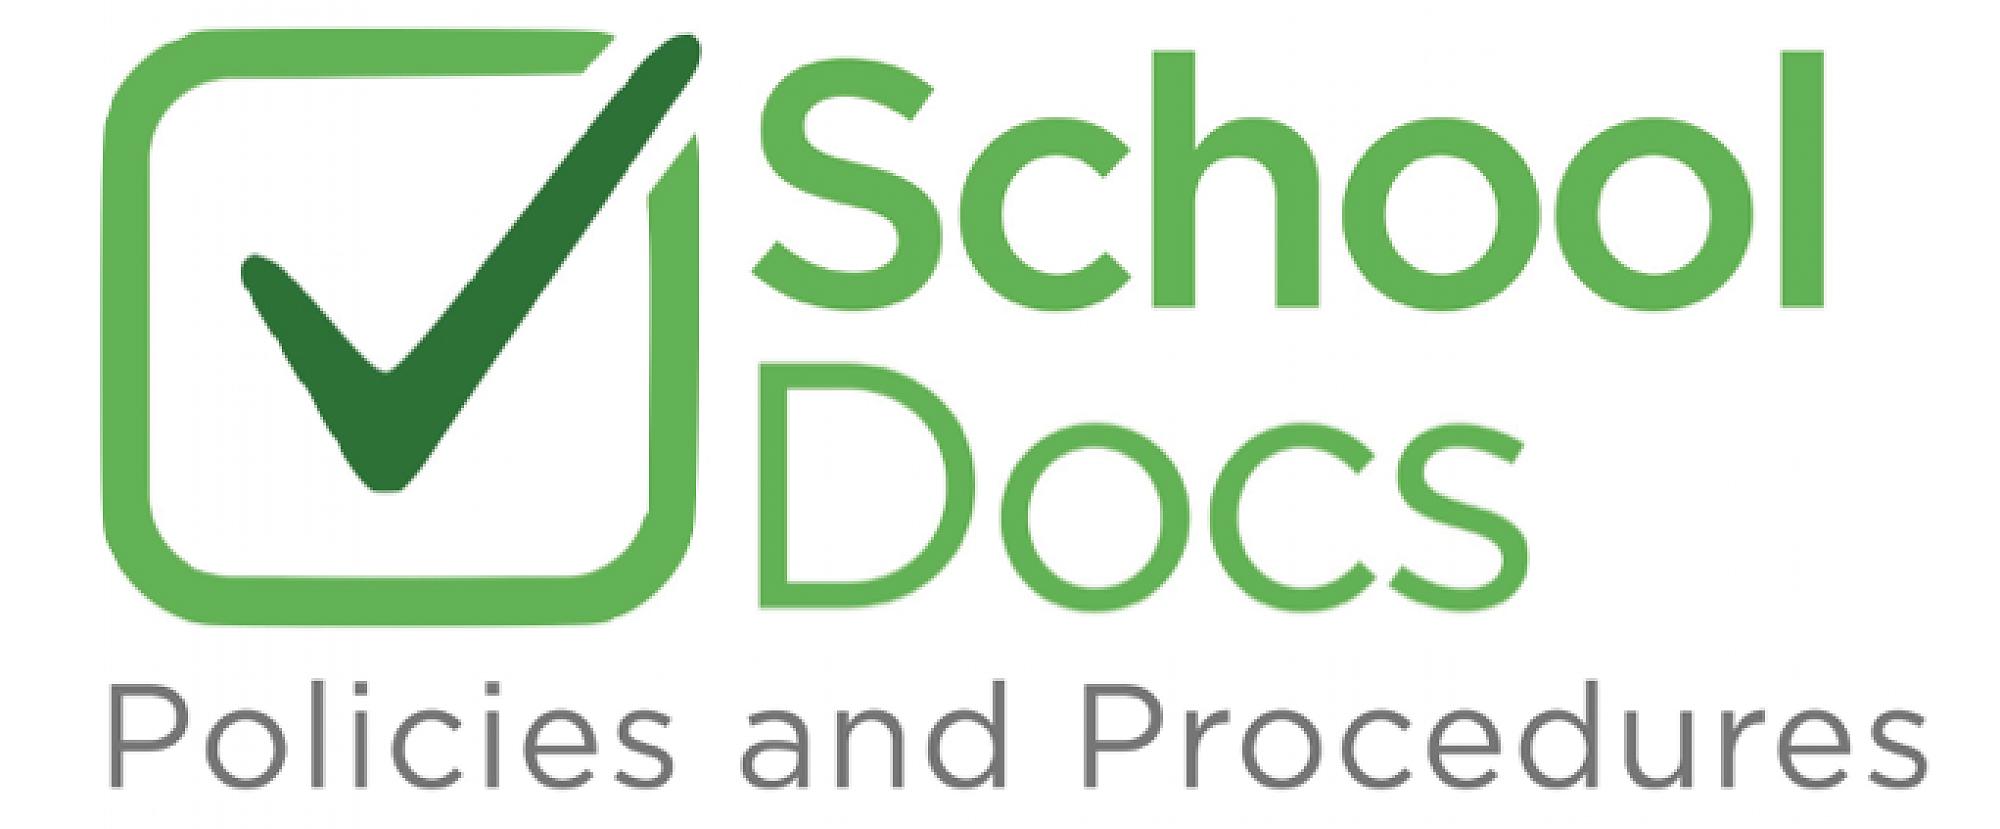 Policies & Procedures, Whitney Street School